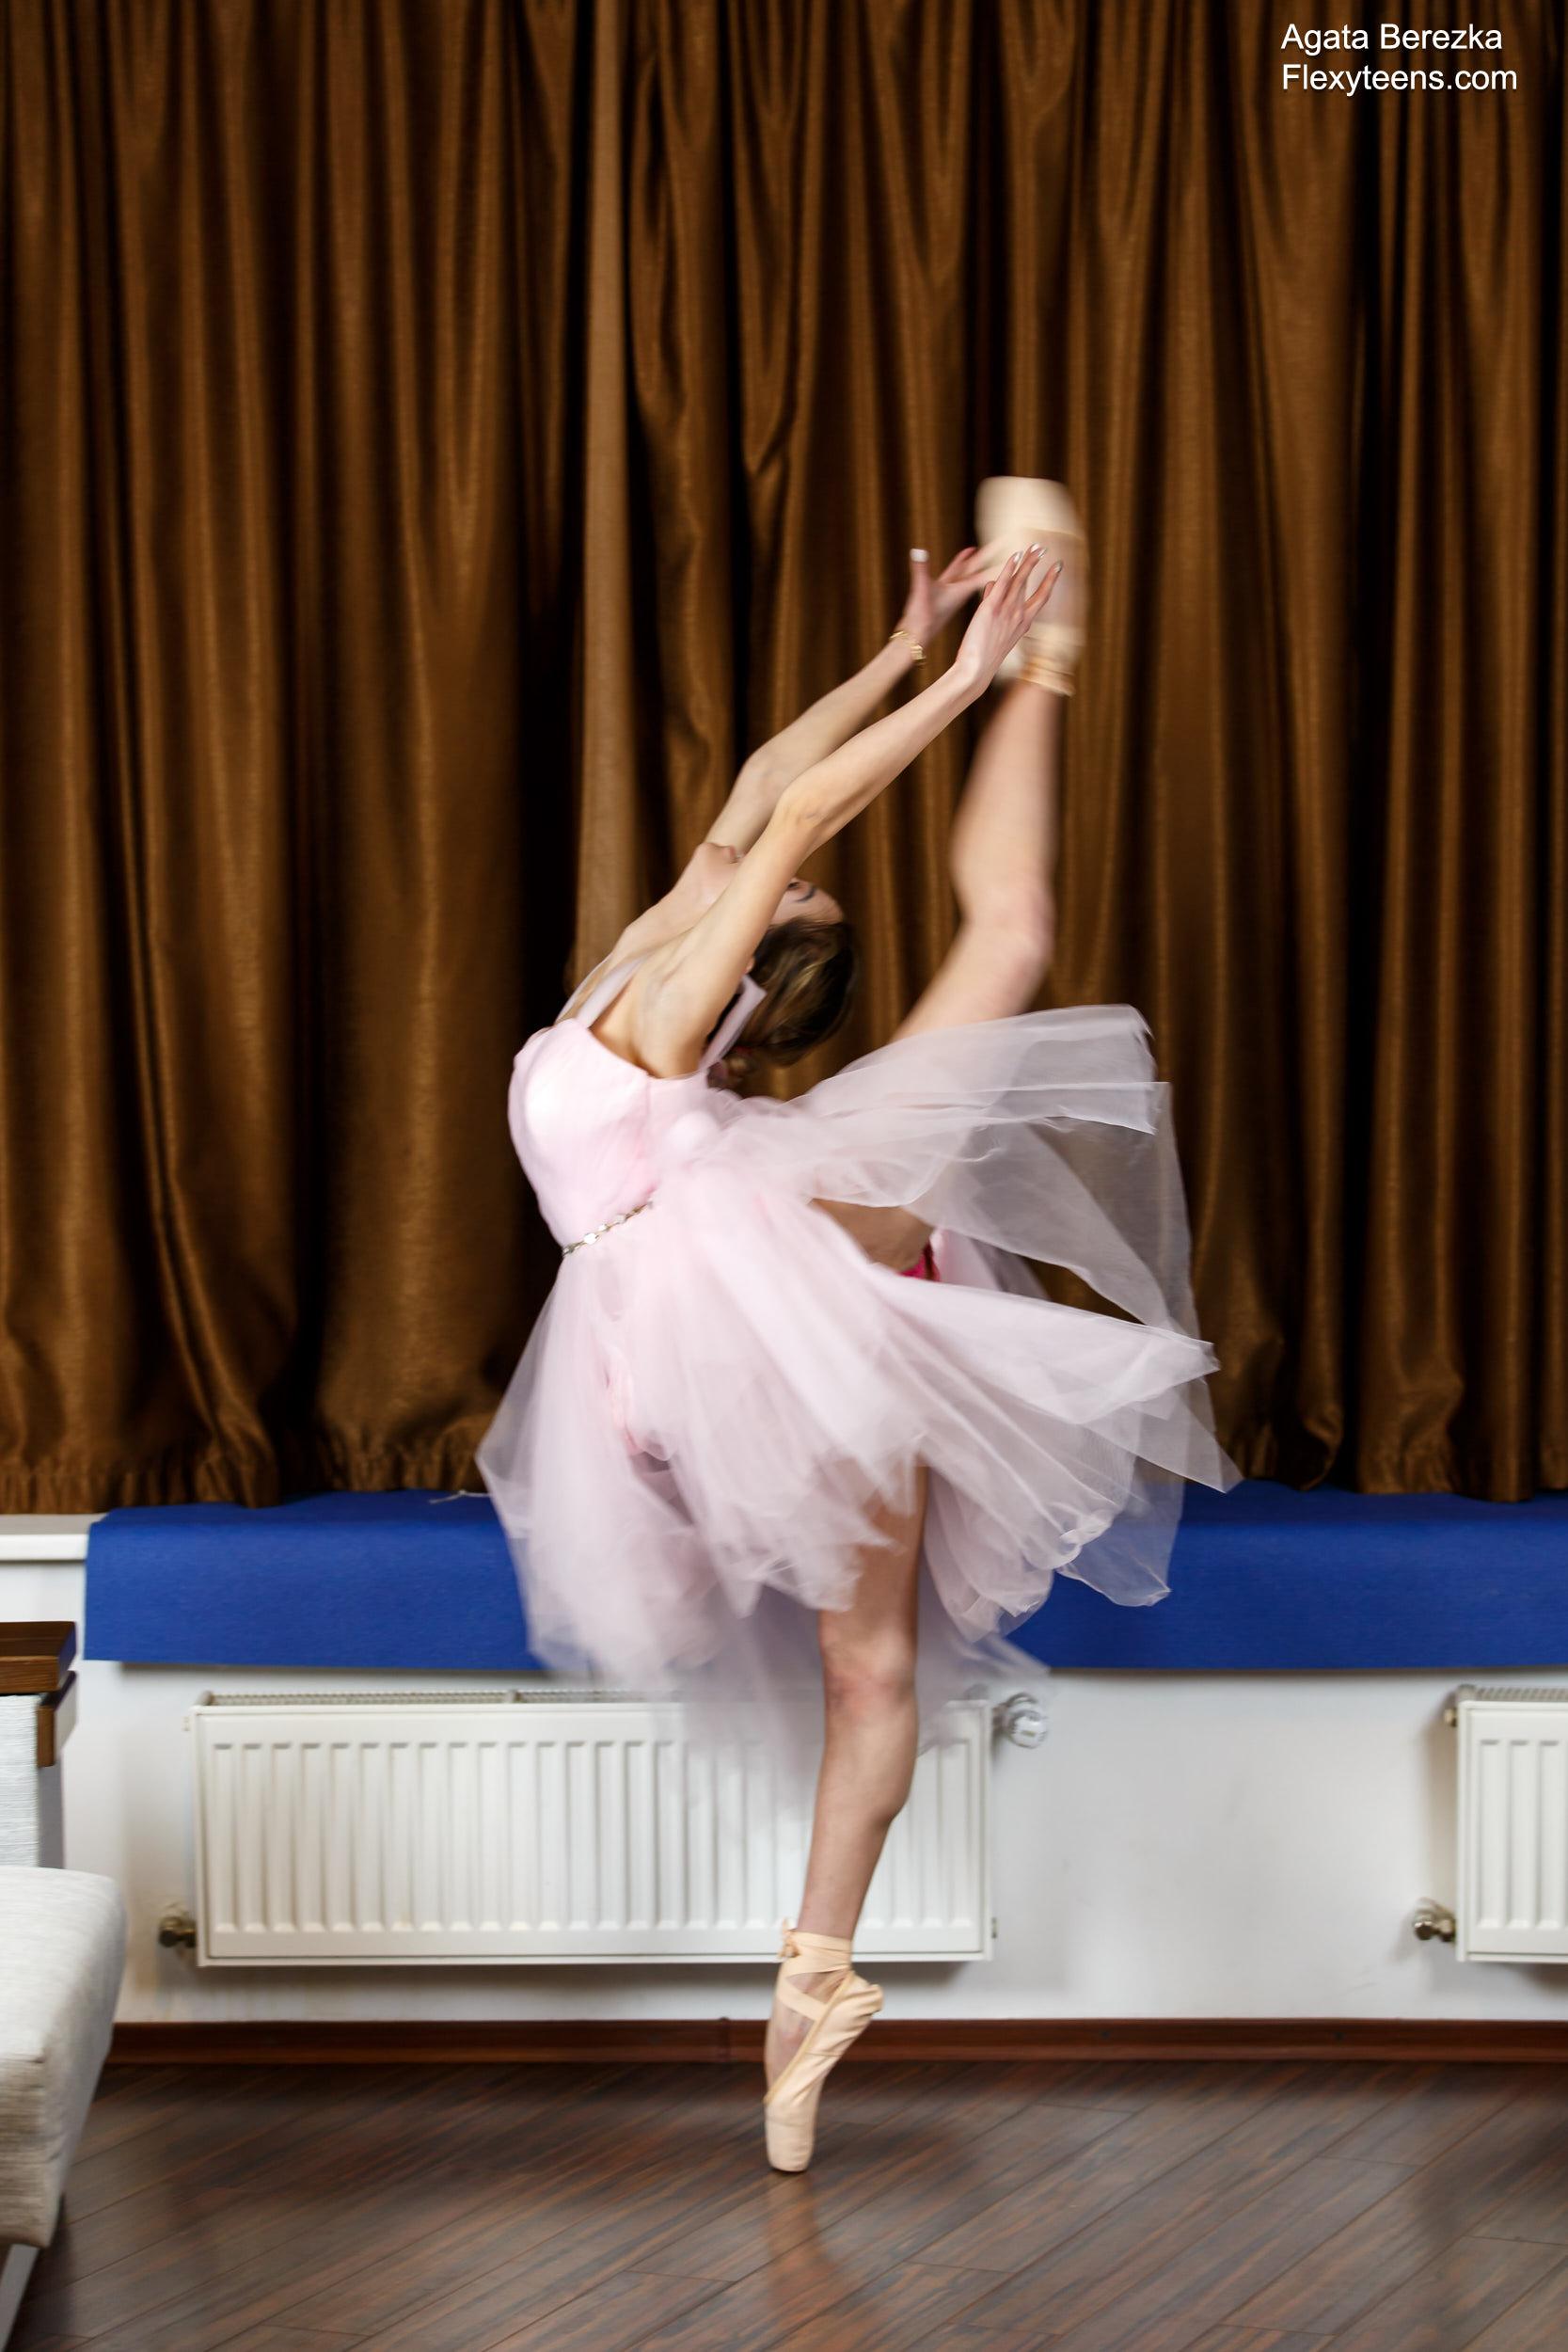 Slender ballerina Agata Berezka shows her amazing ...